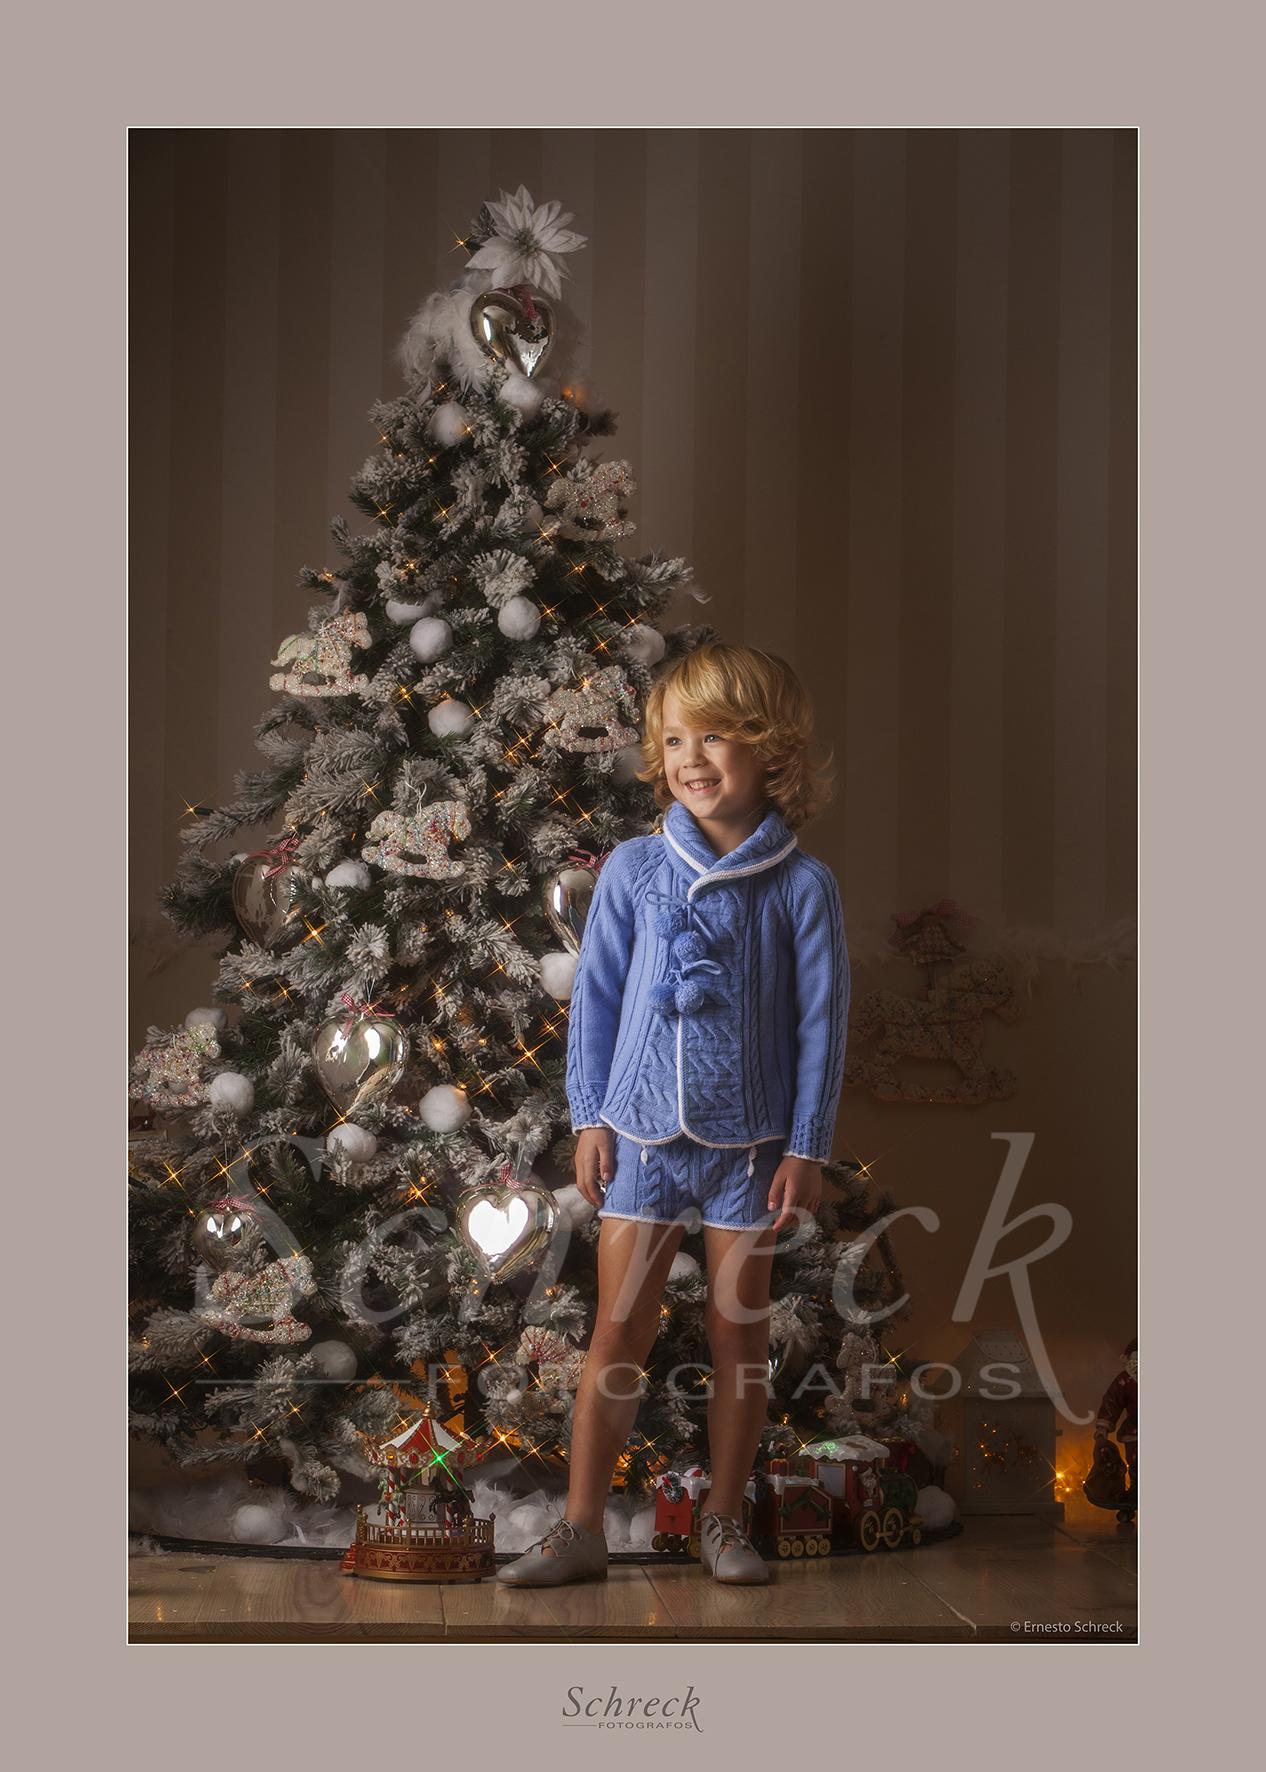 Navidad_Schreck-fotografos_Estudio-Schreck_Christmas-photo_033